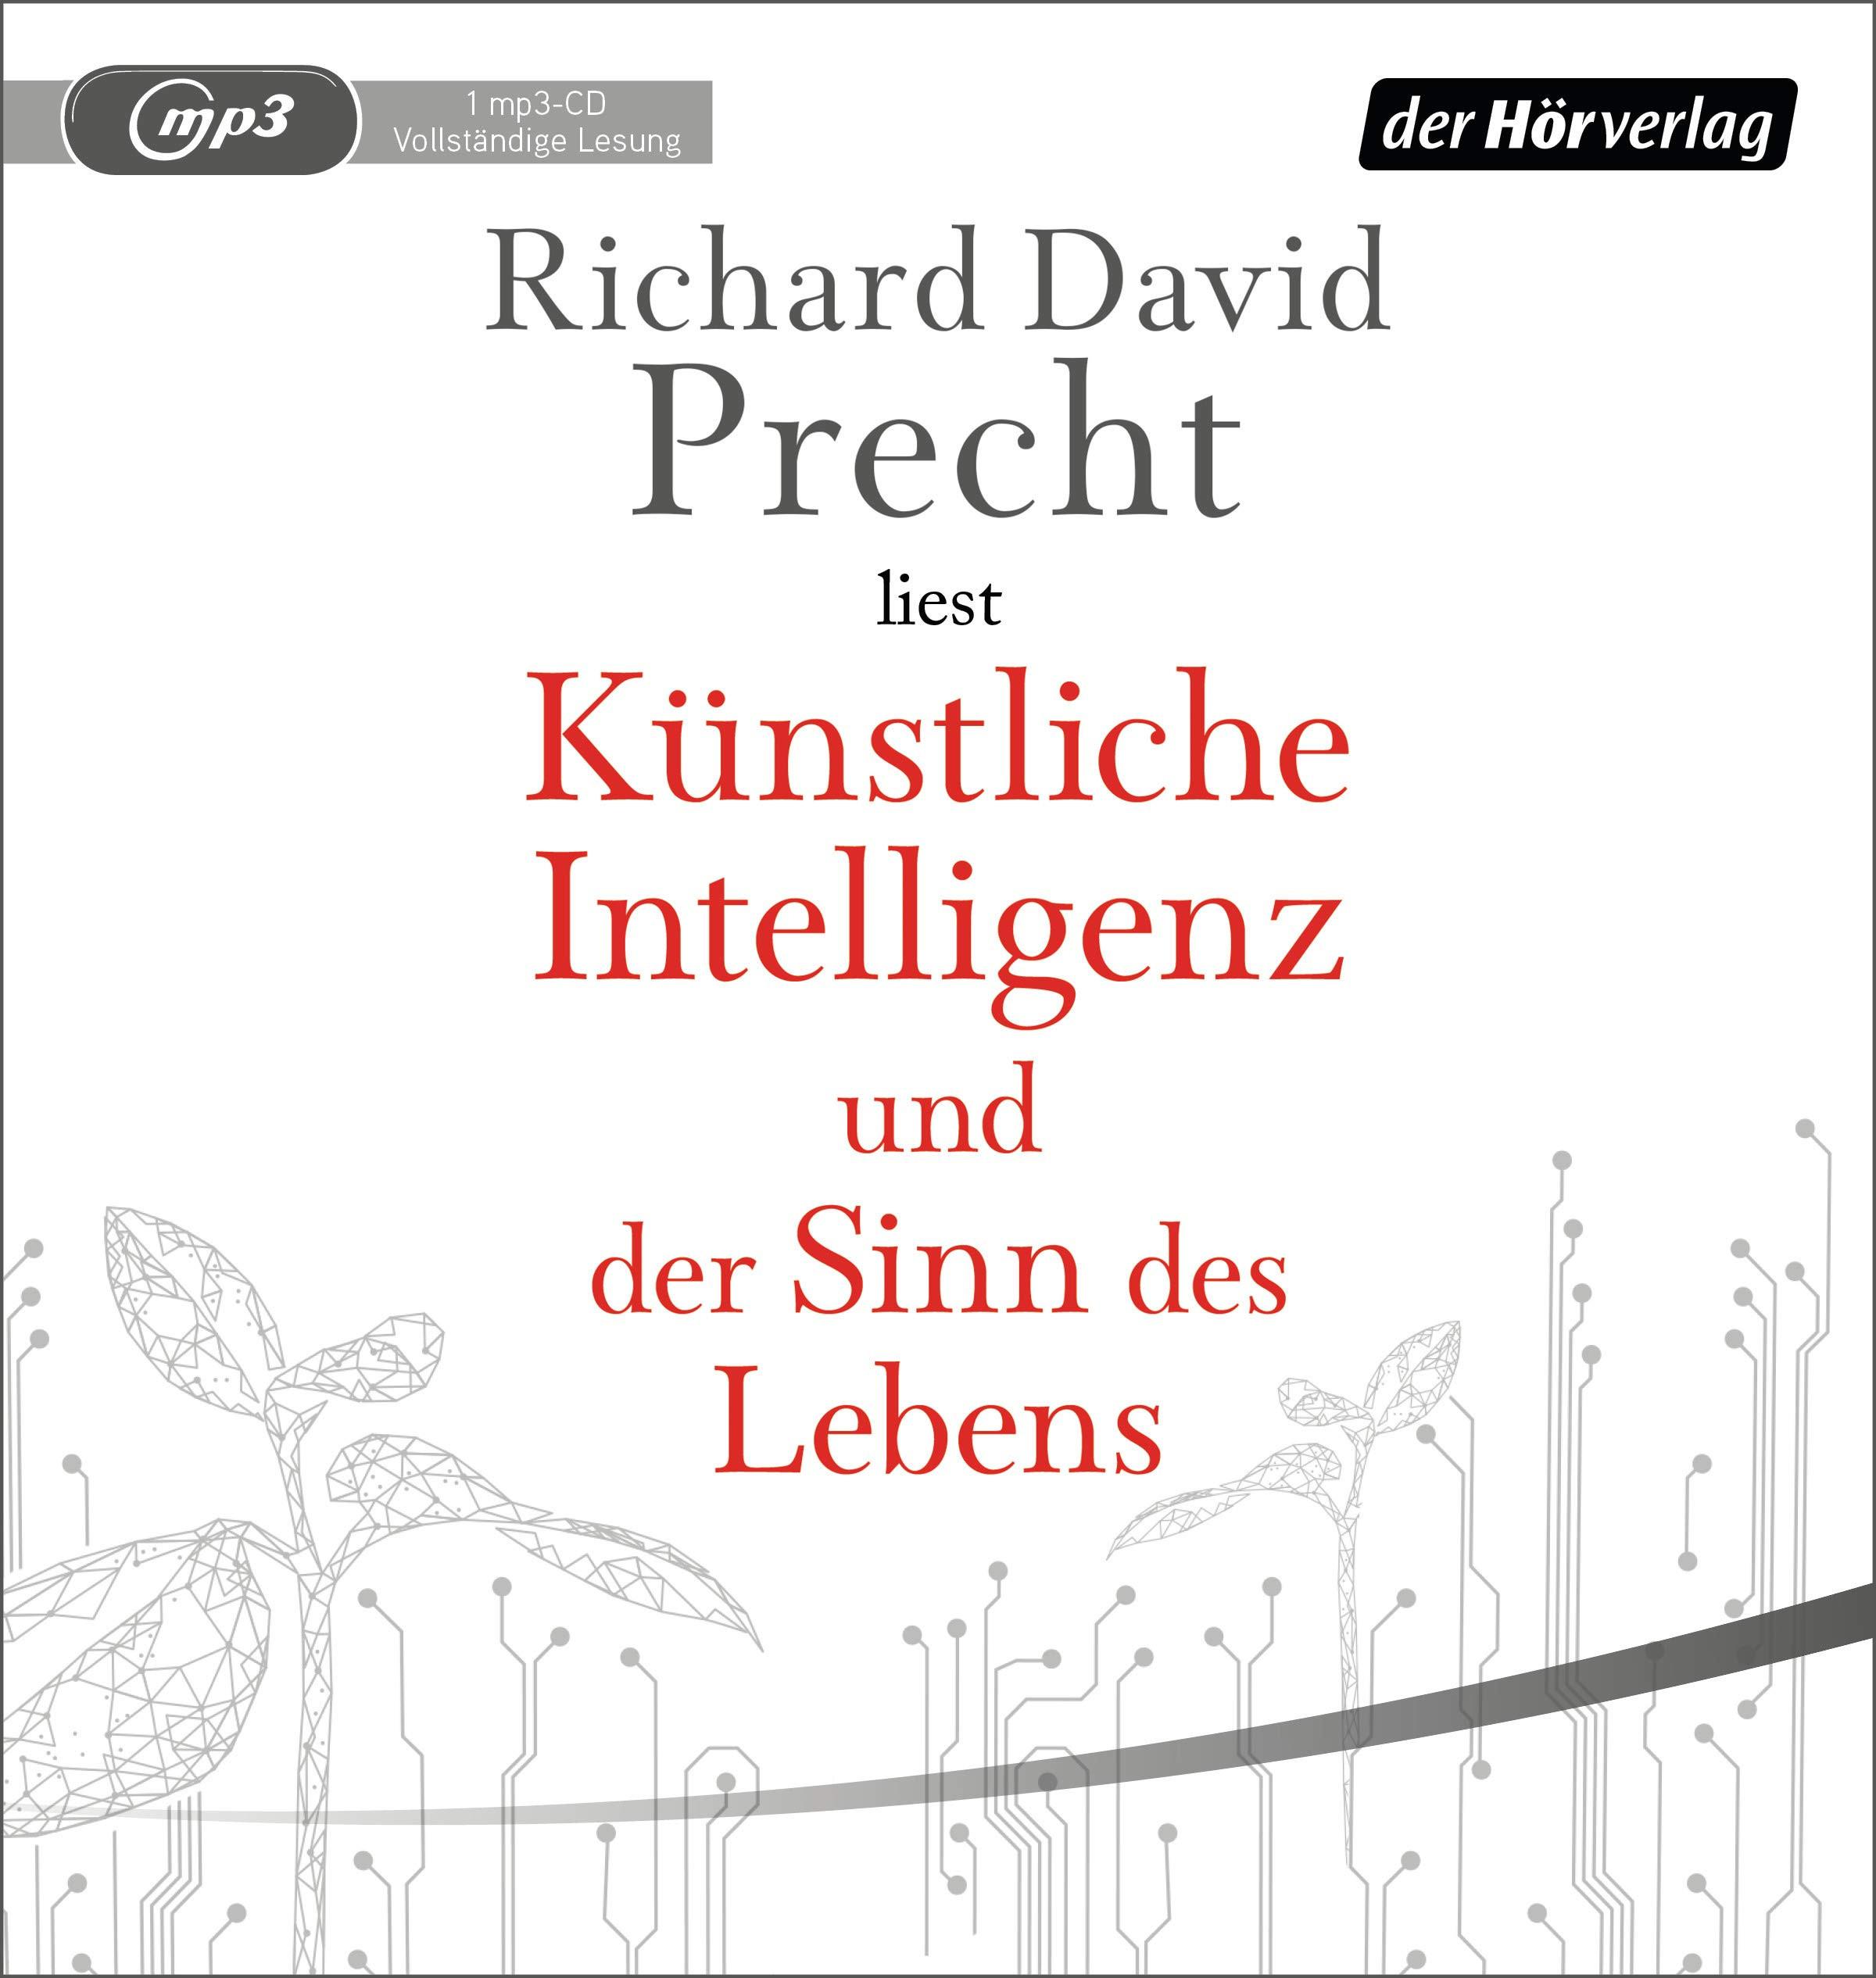 Richard David Precht - Künstliche Intelligenz und der Sinn des Lebens